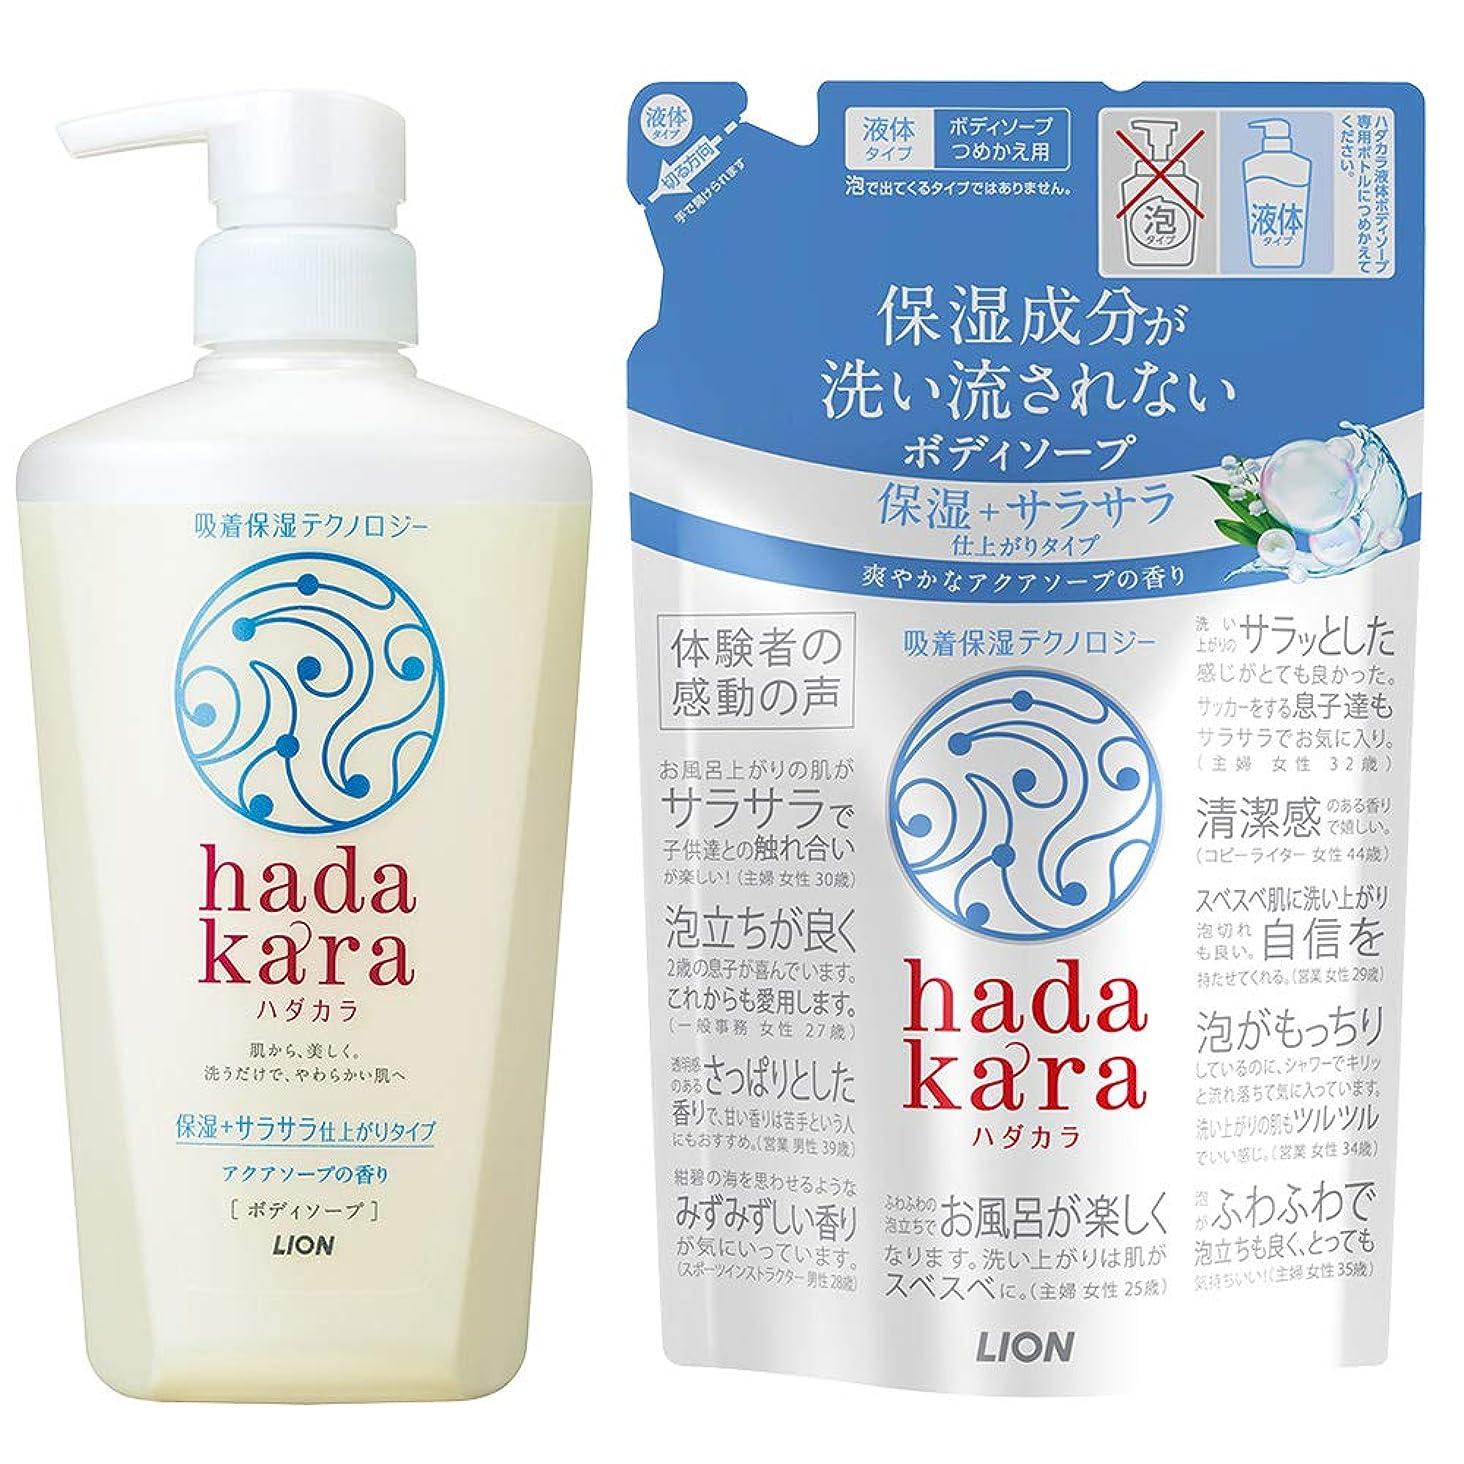 咲くレール人類hadakara(ハダカラ)ボディソープ 保湿+サラサラ仕上がりタイプ アクアソープの香り 本体 480ml + つめかえ 340ml